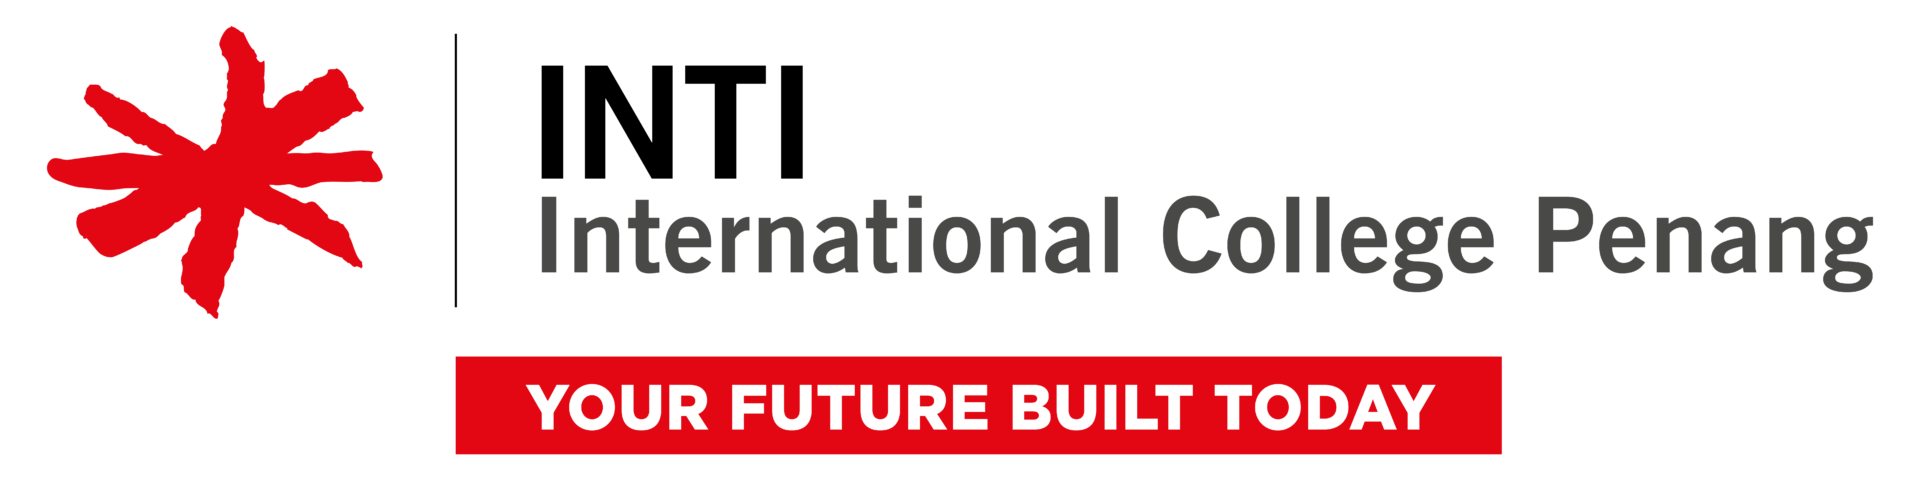 INTI Penang YFBT logo resize